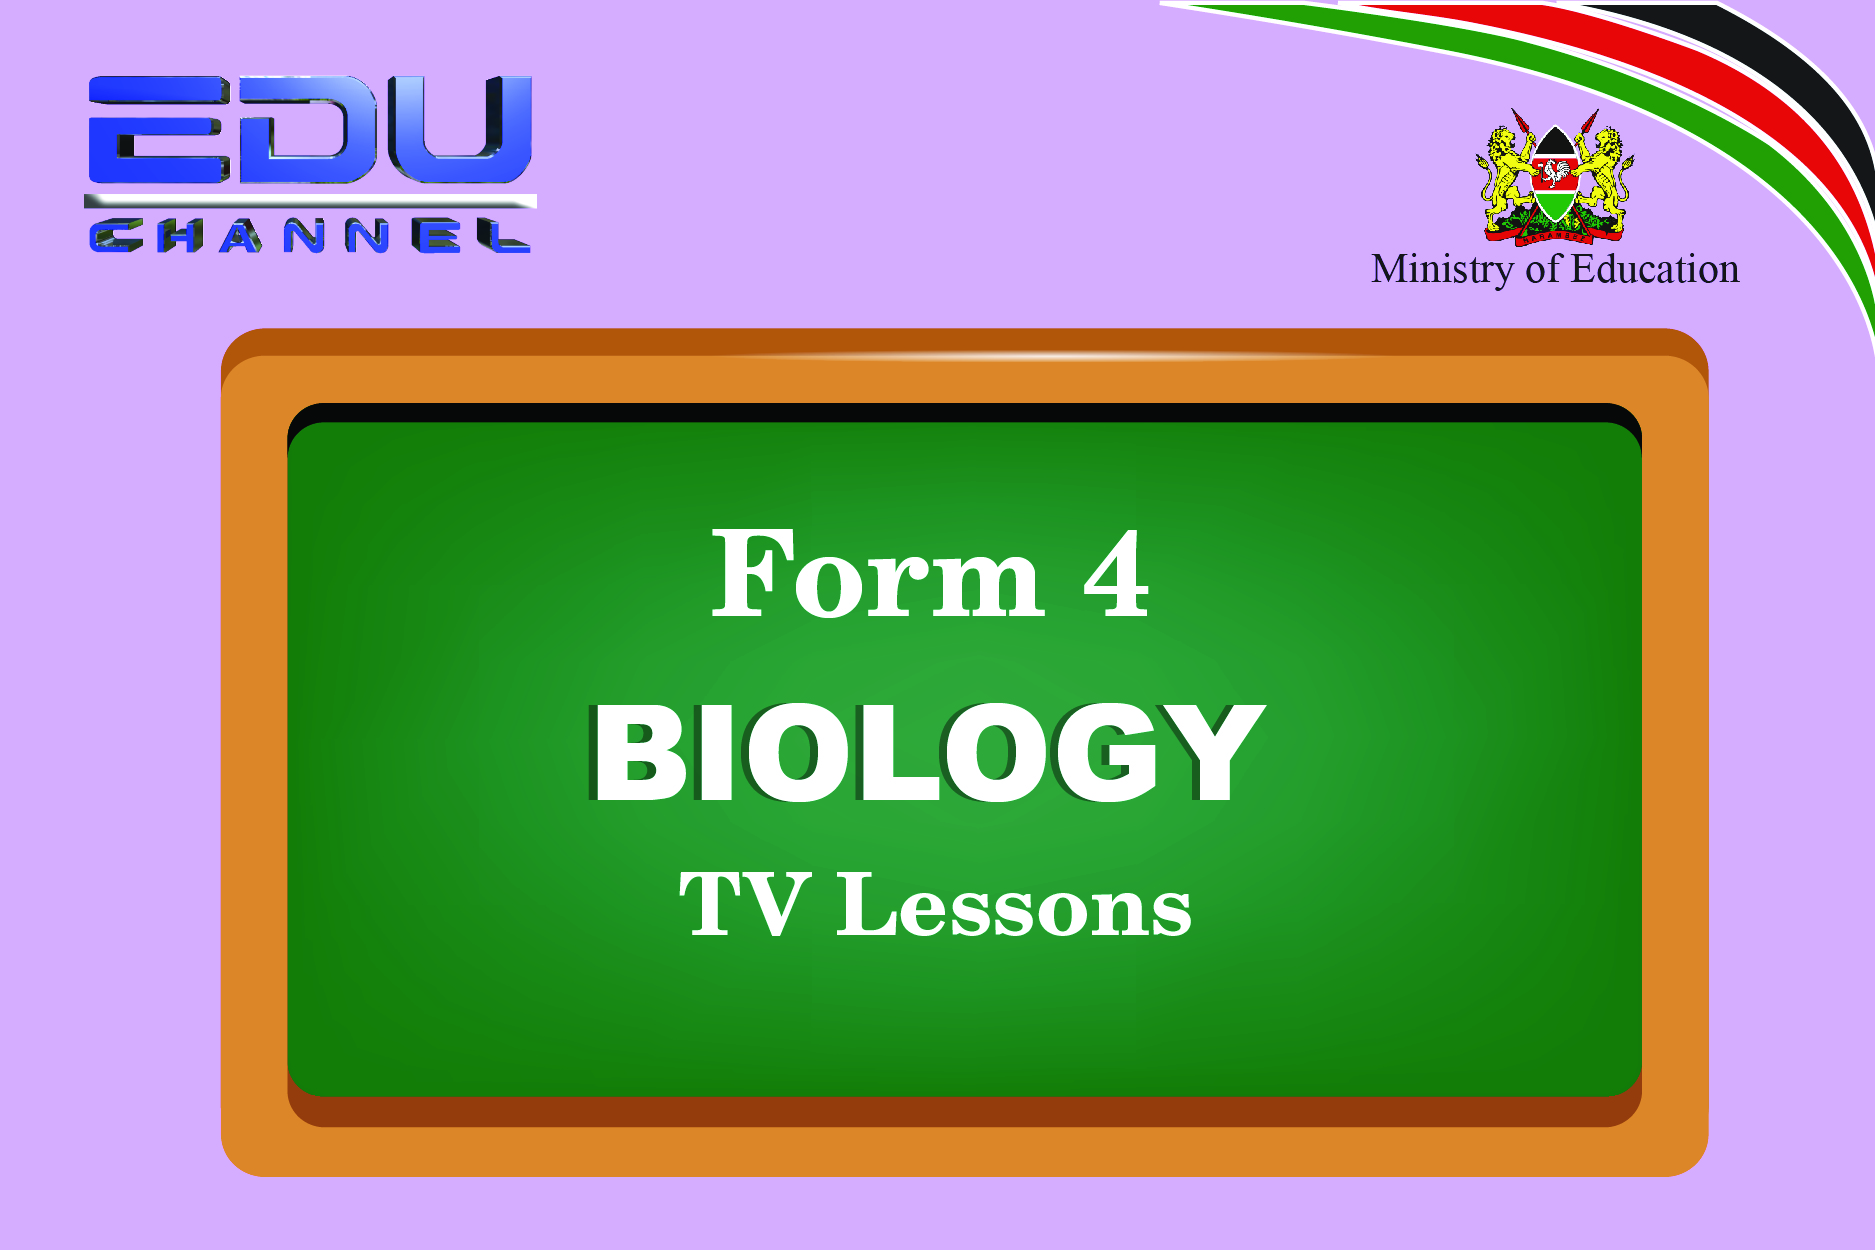 Form 4 Biology Lesson 3: Genetics DNA